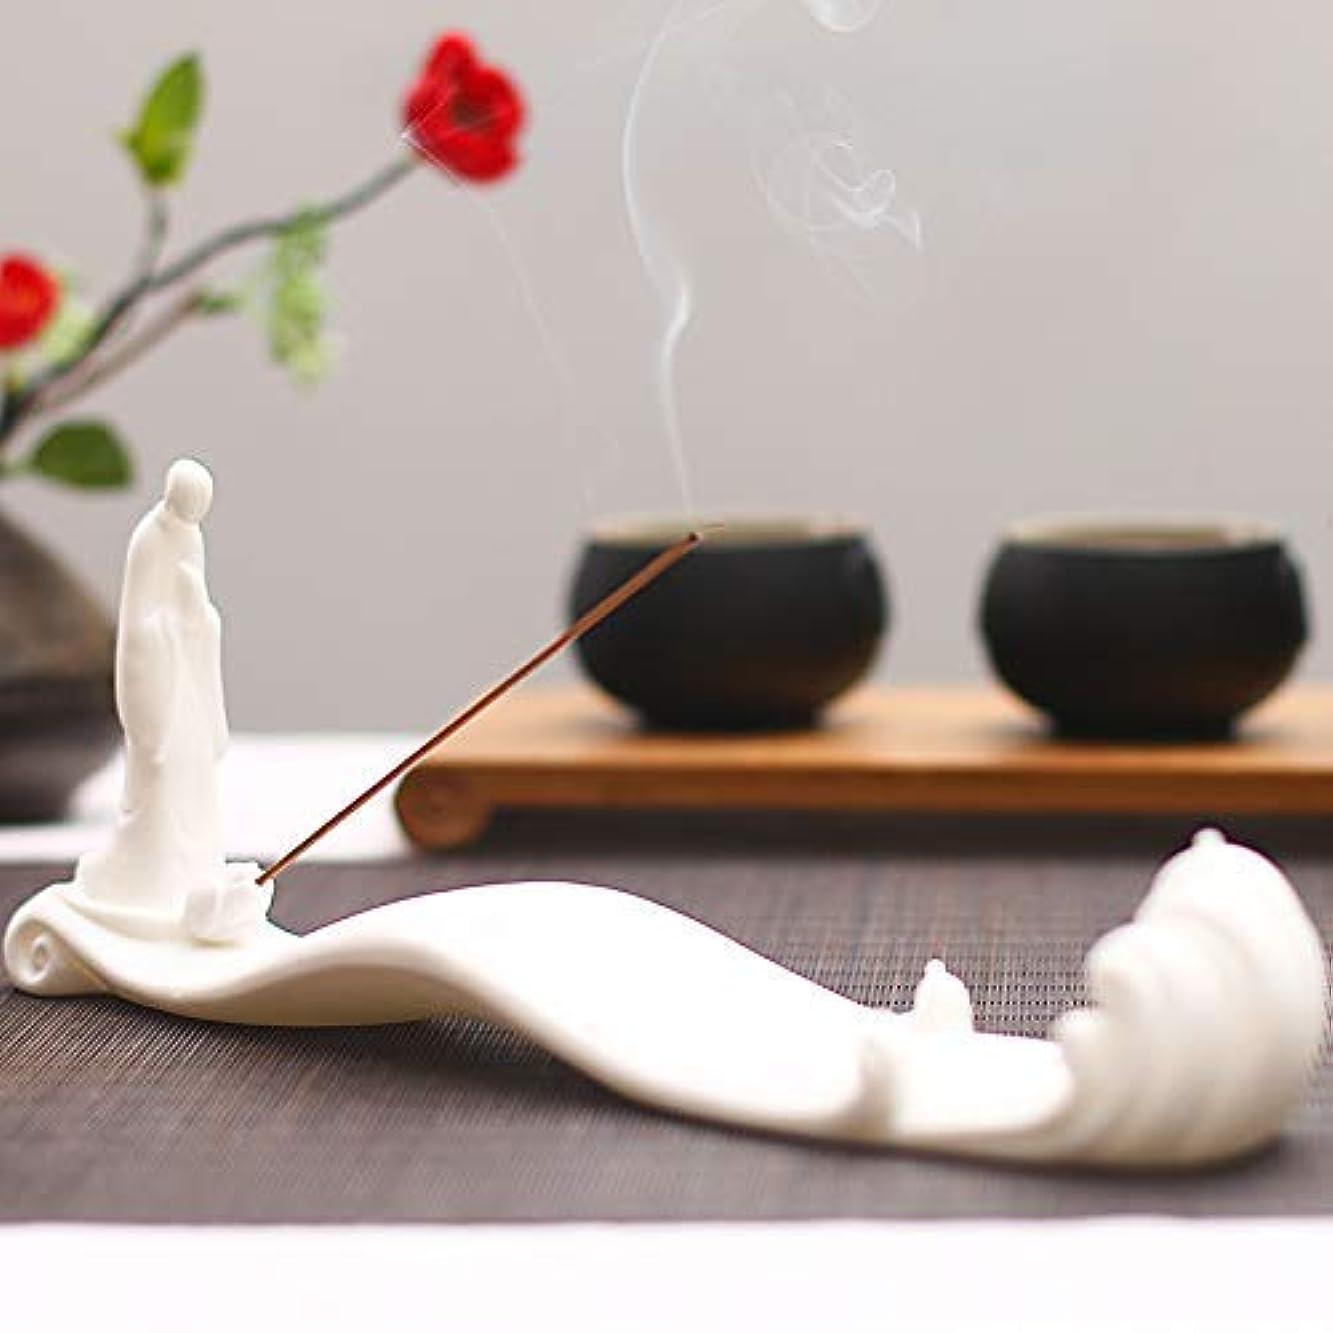 満足させる病的常にPHILOGOD 香炉 陶器線香香立て モンク潮を見てモデリング仏壇 お香 ホルダー